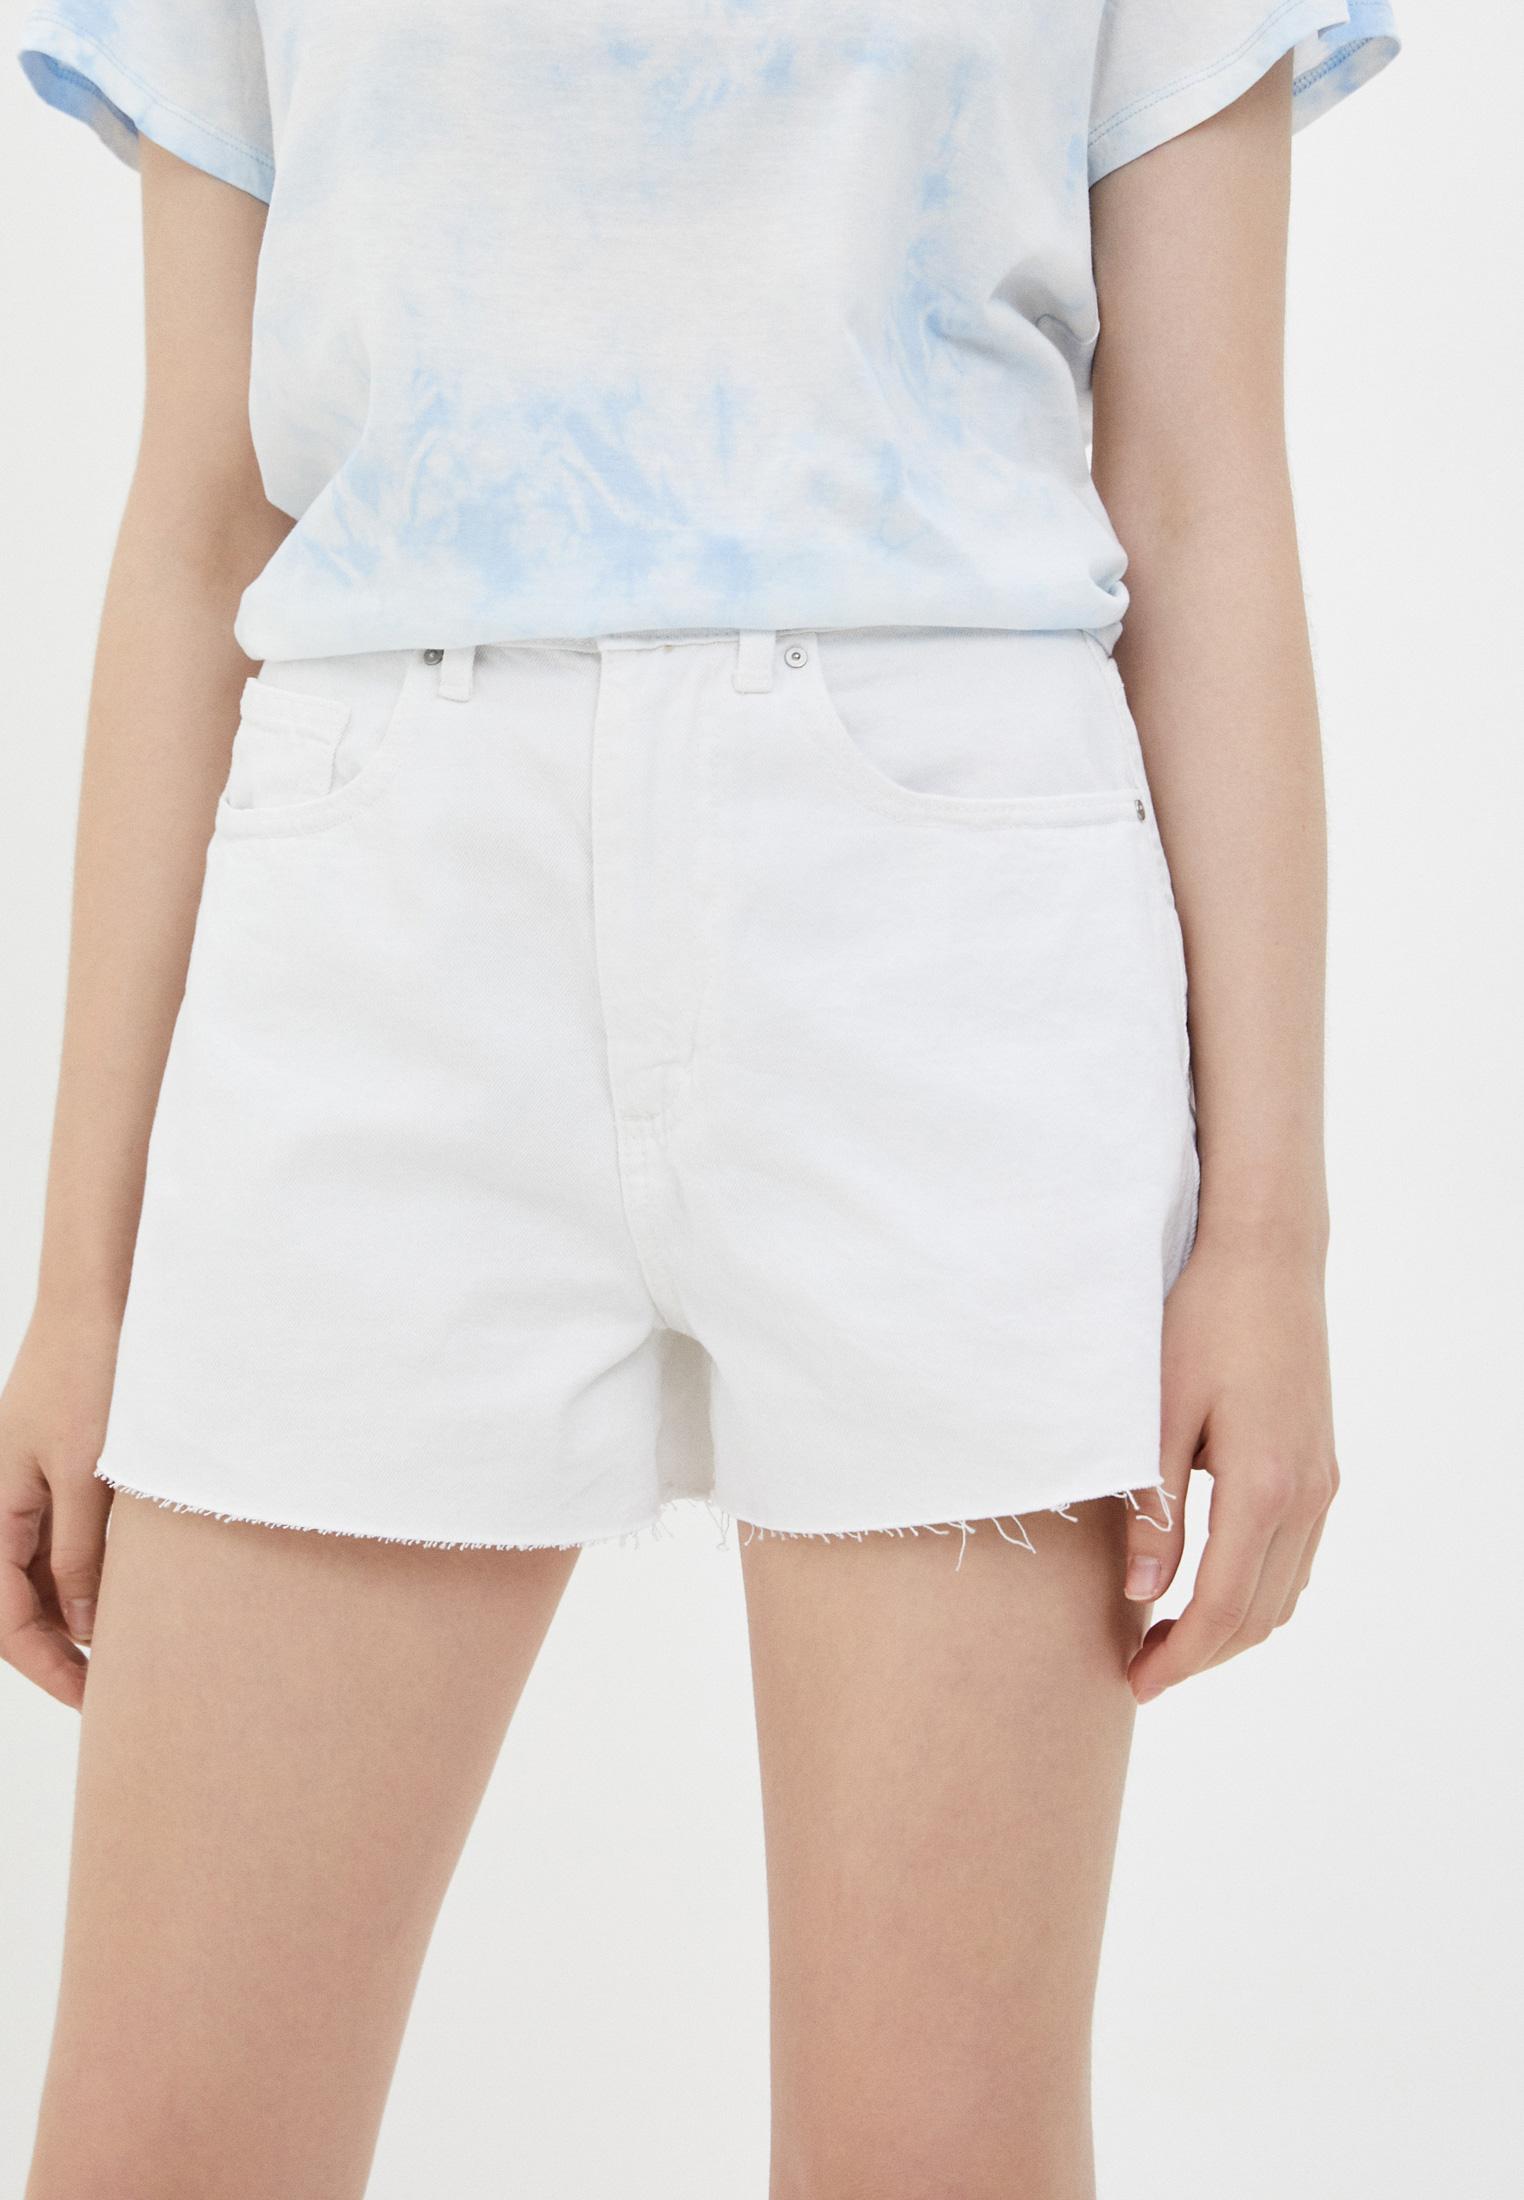 Женские джинсовые шорты Cotton On Шорты джинсовые Cotton On